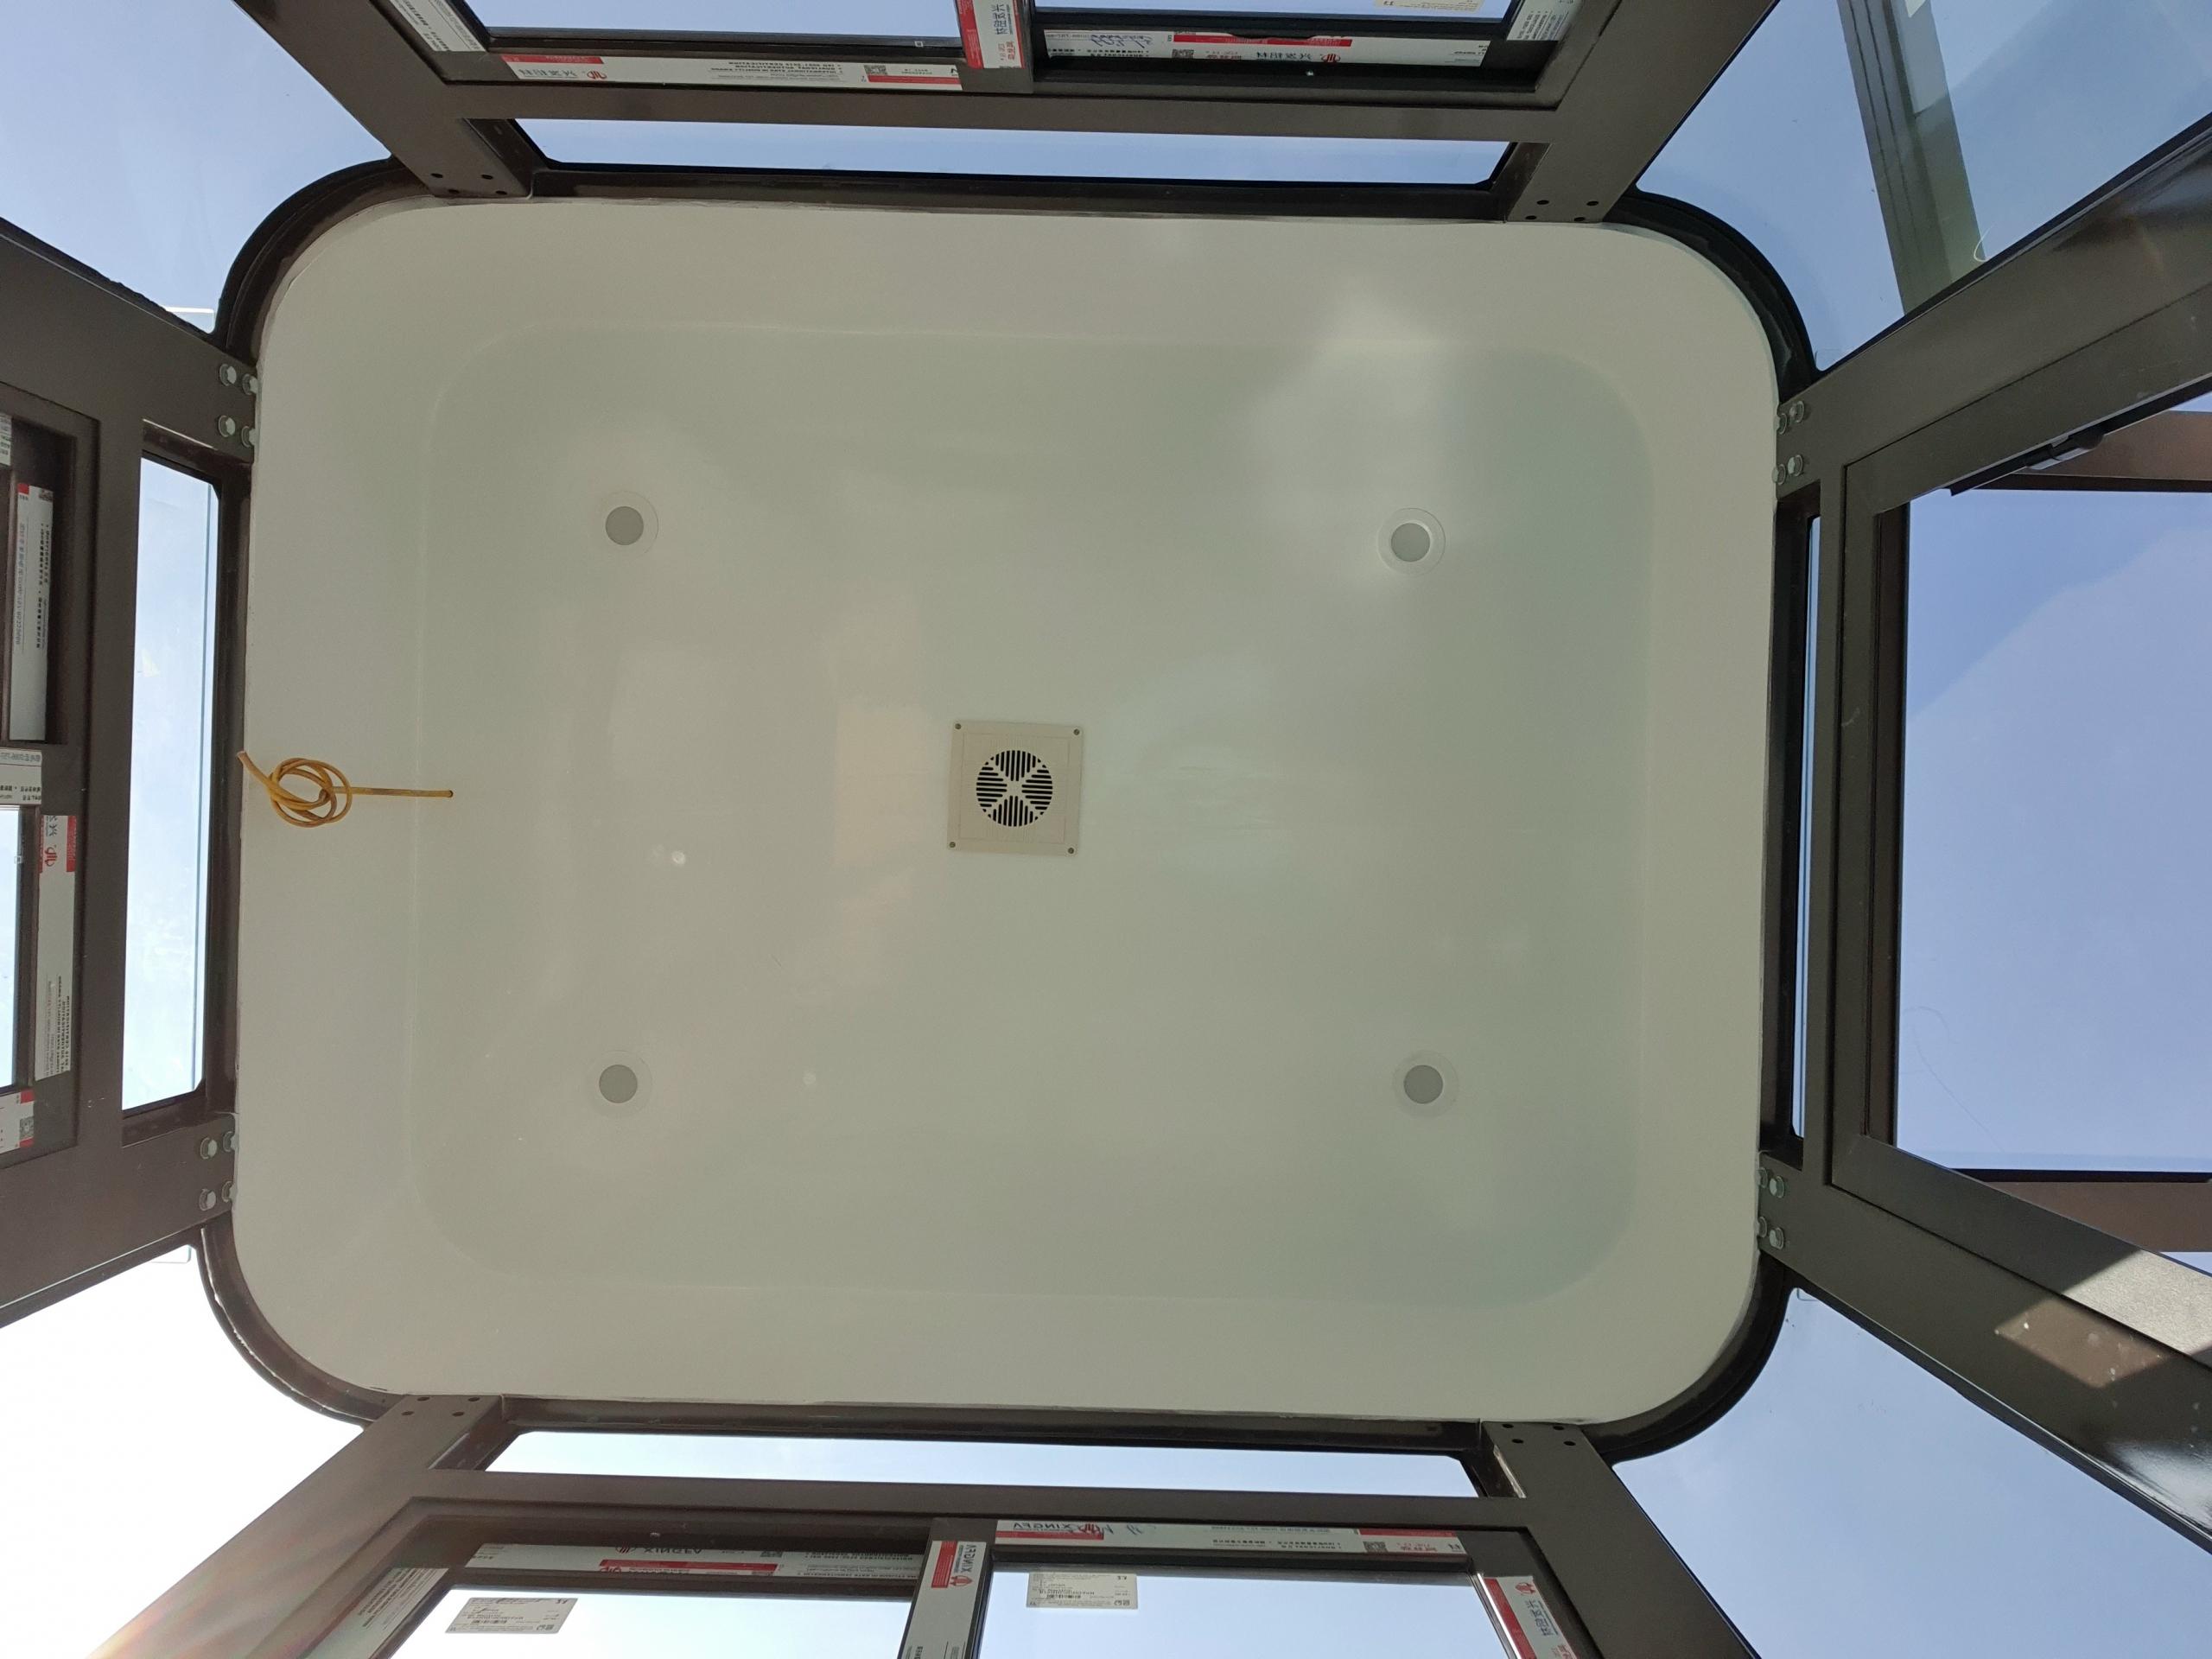 Trần cabin bảo vệ VS1.6x2.0